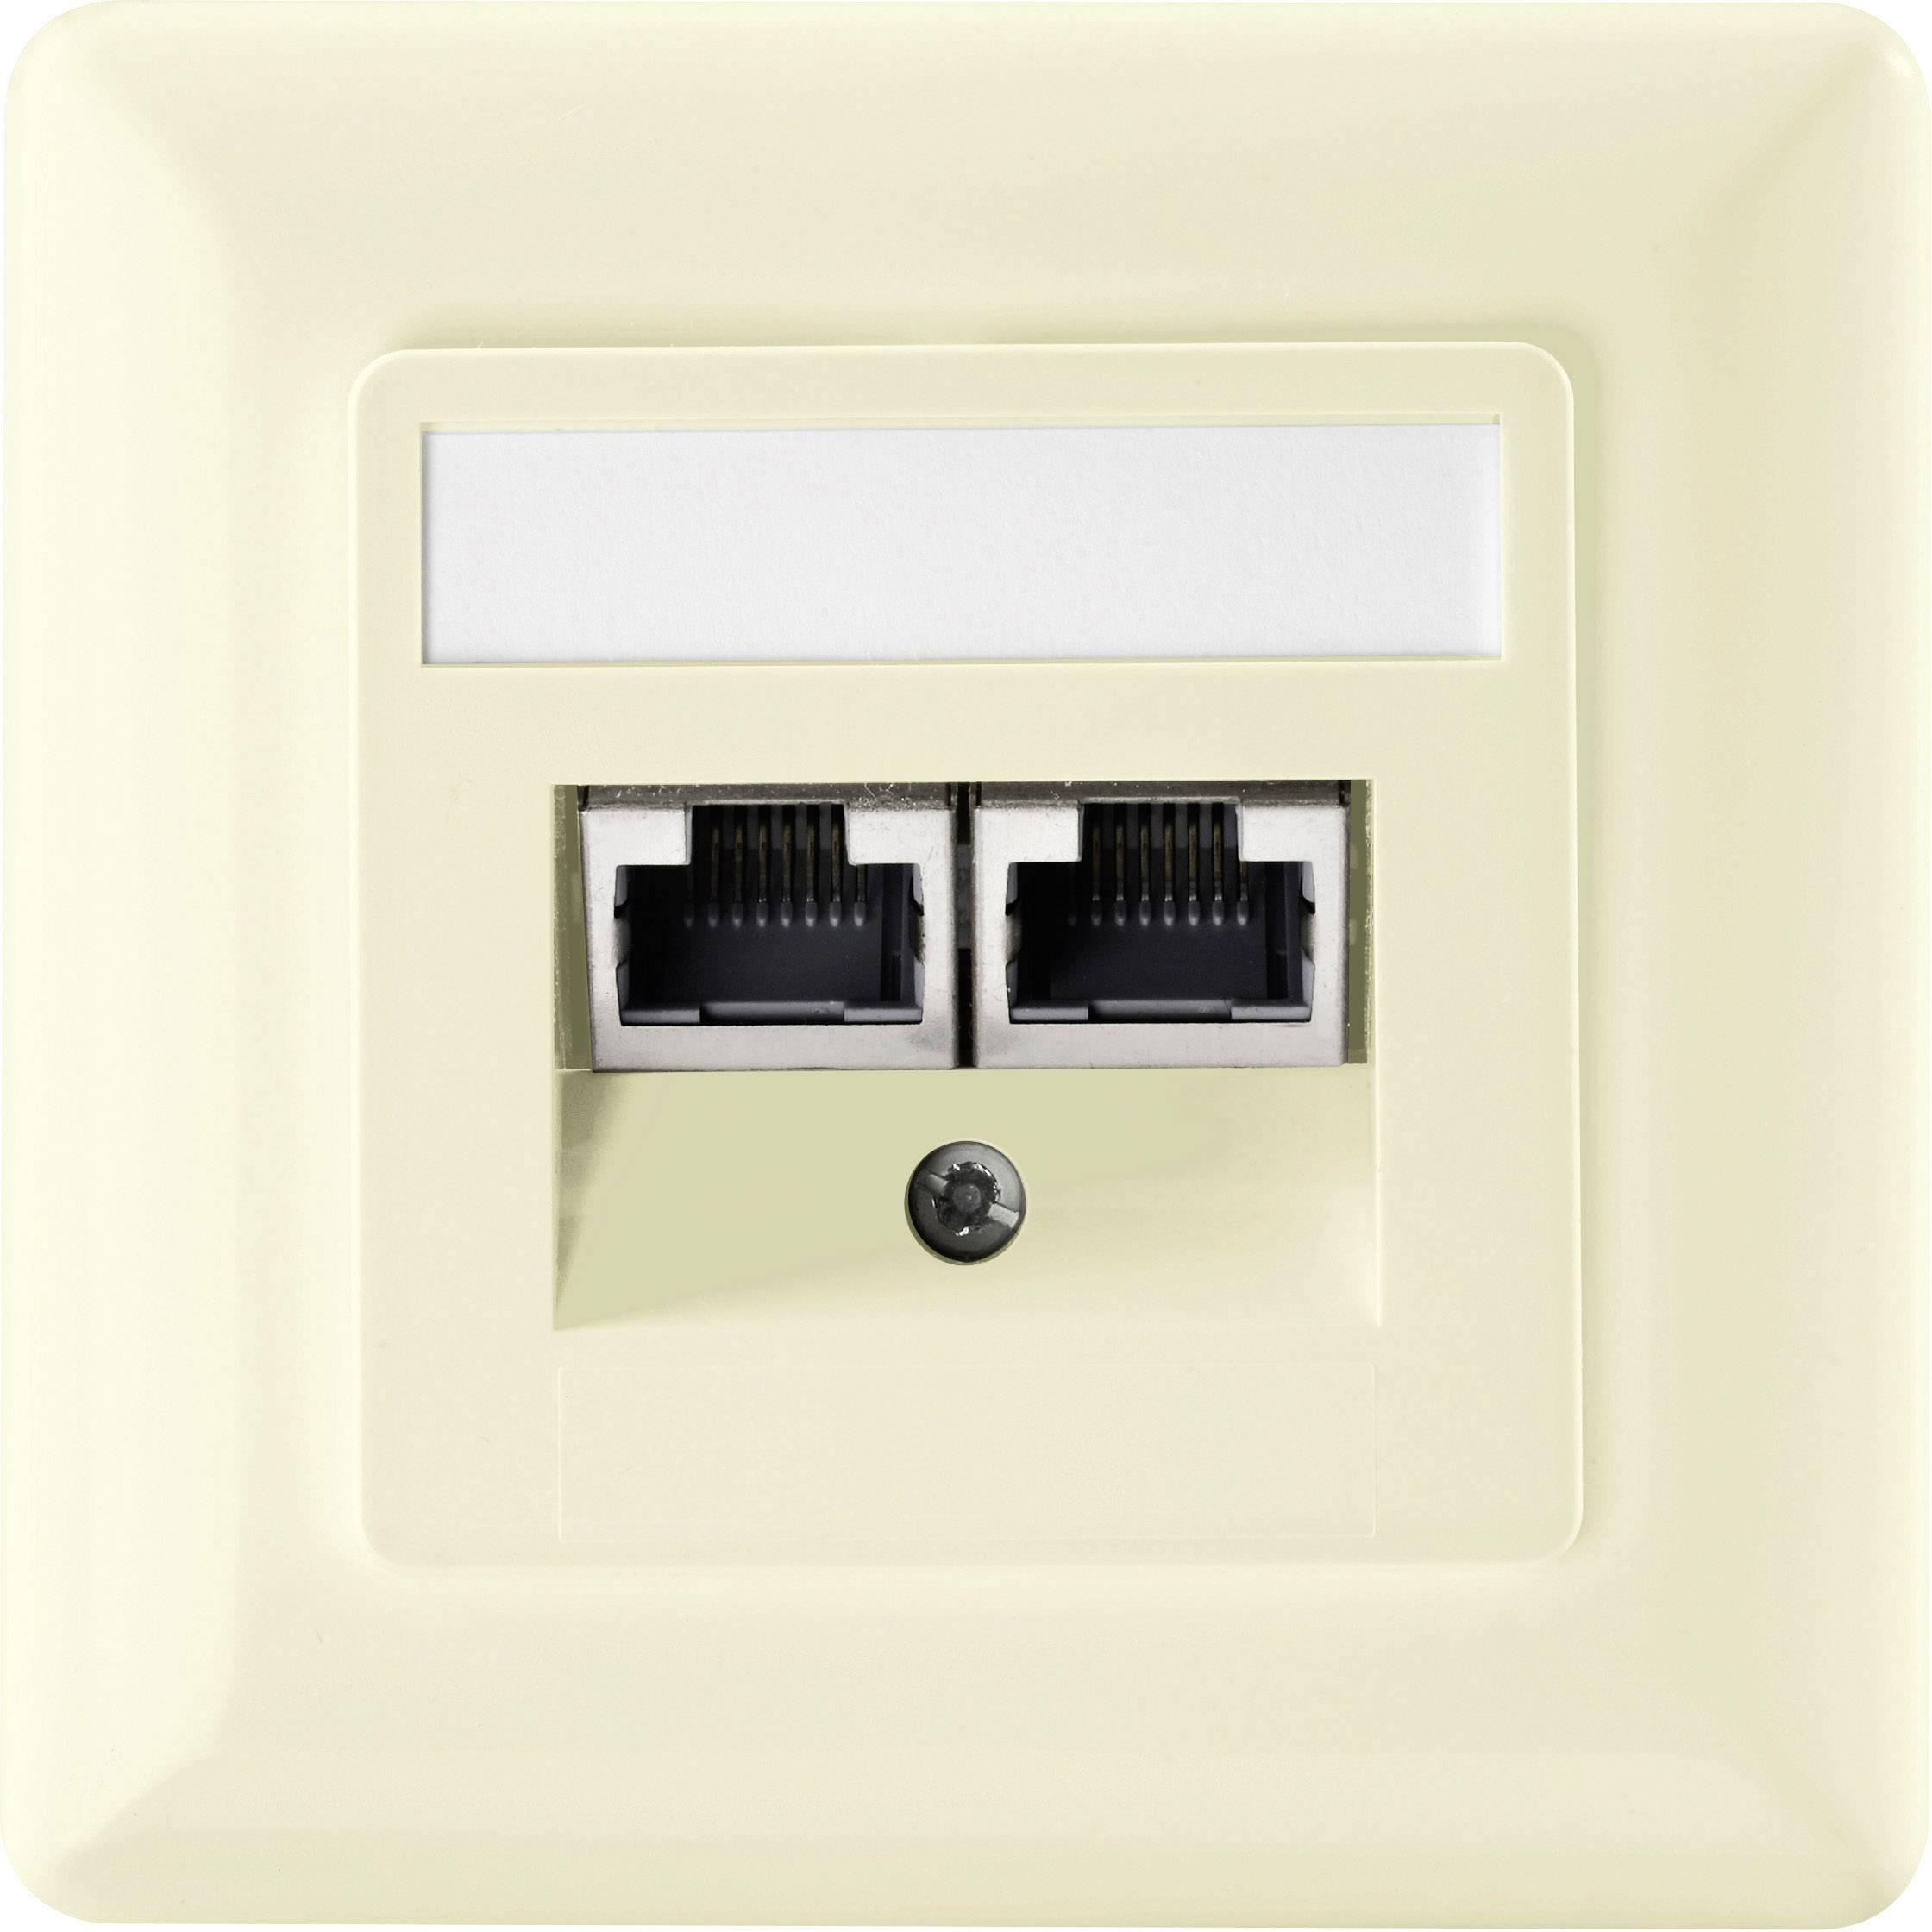 Sieťová zásuvka pod omietku Setec 604680, CAT 5e, s 2 portmi, čisto biela